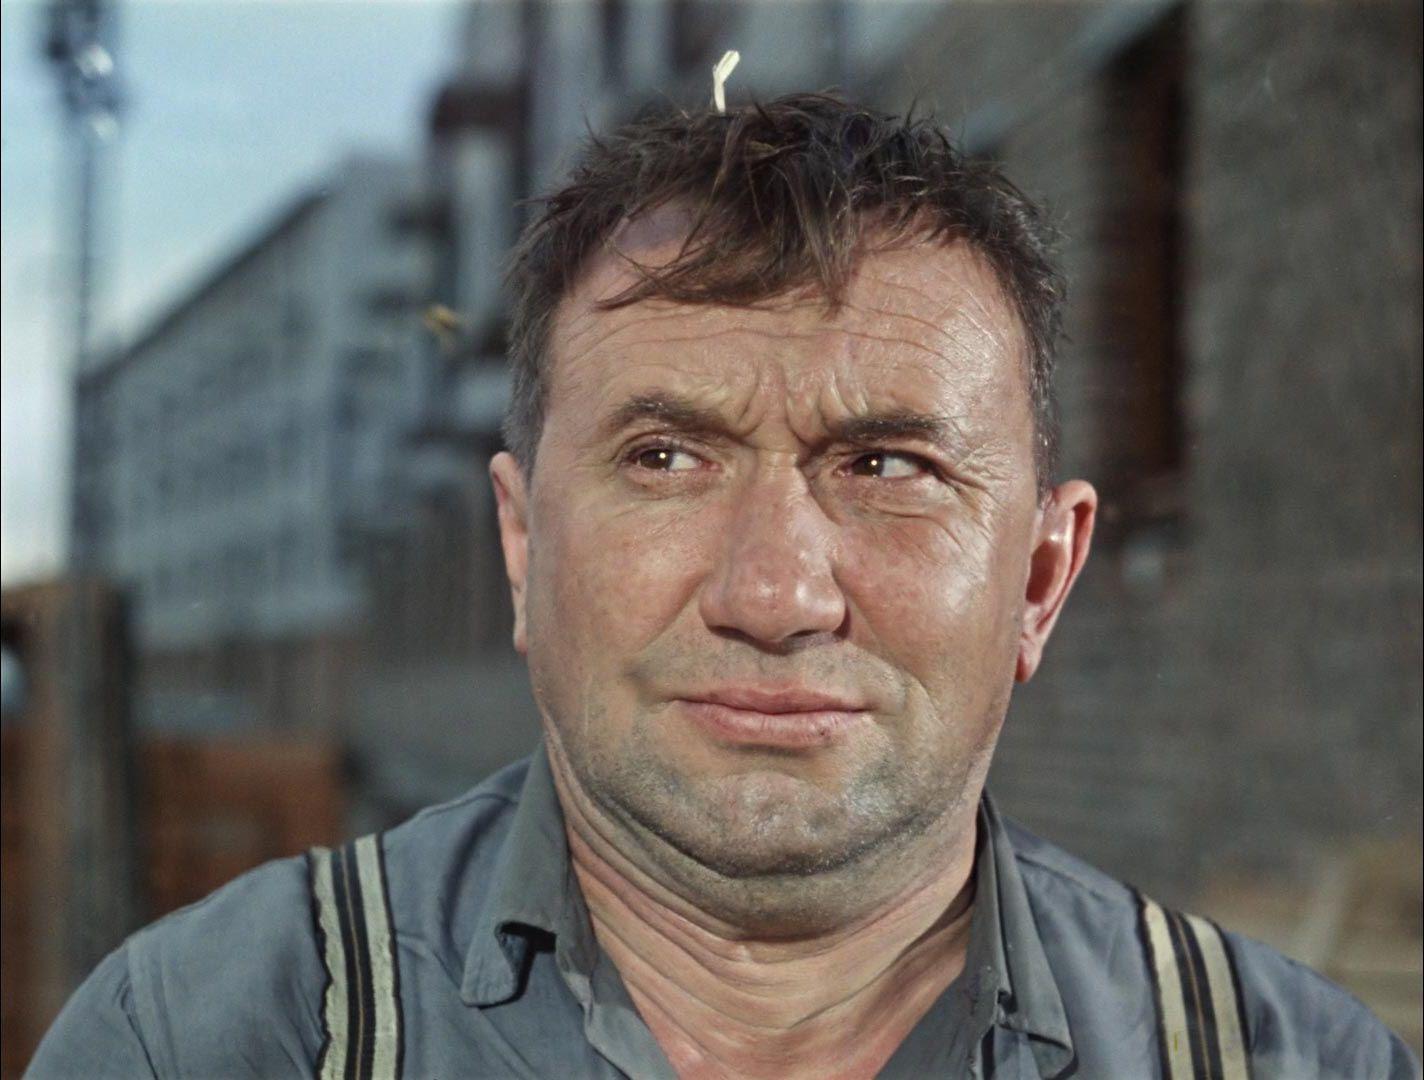 советские актёры умершие в забвении, актеры умершие в нищете